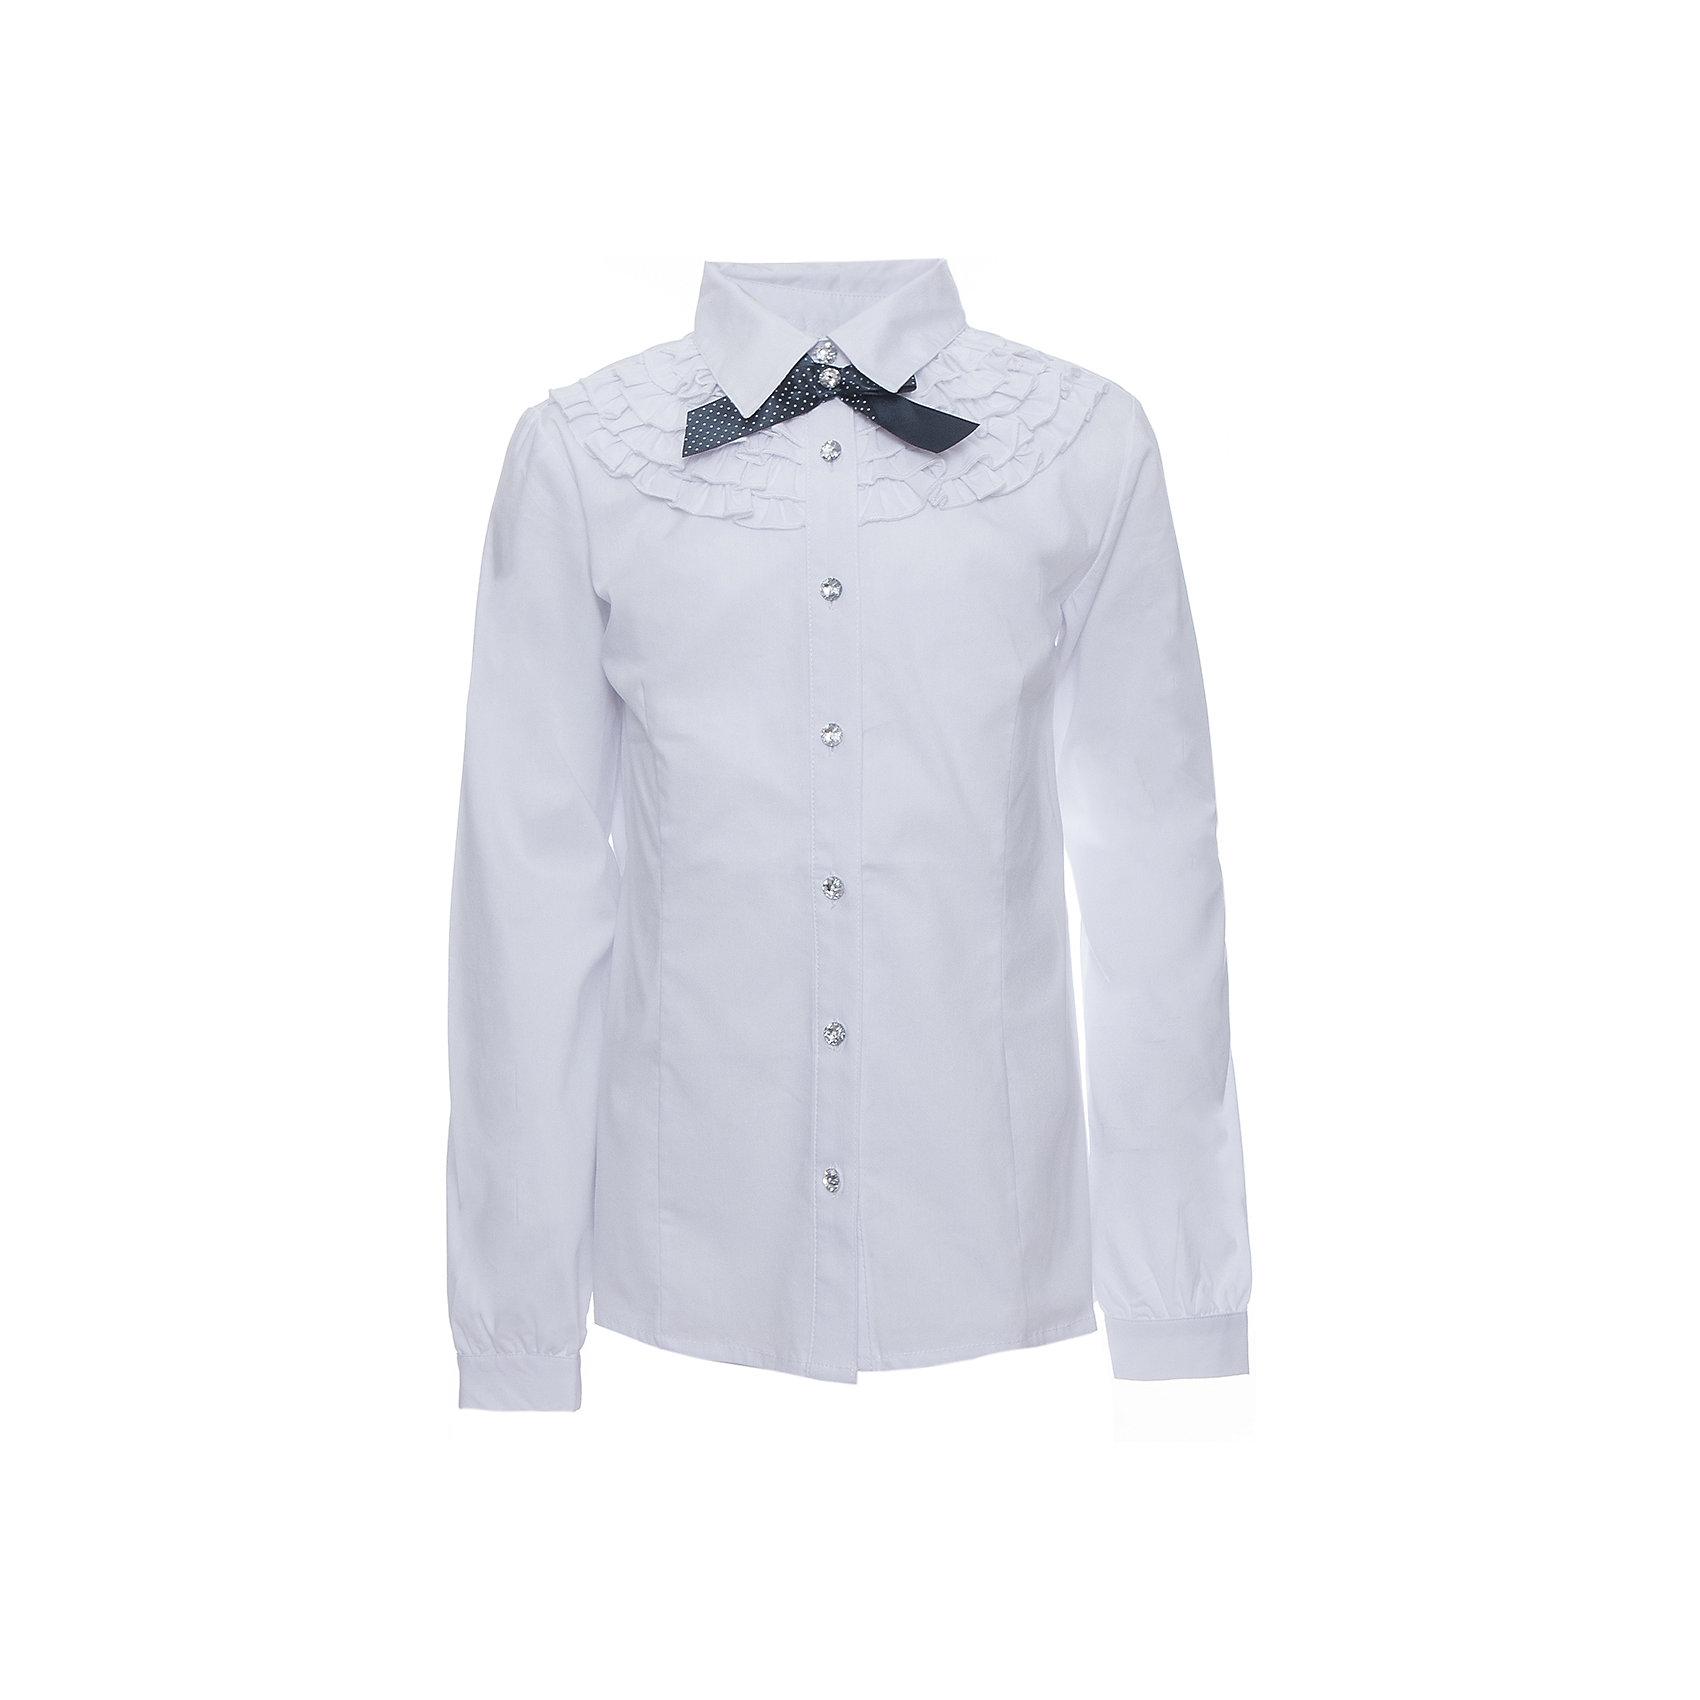 Блузка для девочки ScoolБлузки и рубашки<br>Блузка для девочки от известного бренда Scool<br>Состав:<br>65% хлопок, 32% полиэстер, 3% эластан<br>Стильная и женственная белая блузка. Застегивается на сверкающие прозрачные пуговицы. Украшена нежными рюшами и атласным бантиком темно-синего цвета под воротником.<br><br>Ширина мм: 186<br>Глубина мм: 87<br>Высота мм: 198<br>Вес г: 197<br>Цвет: белый<br>Возраст от месяцев: 72<br>Возраст до месяцев: 84<br>Пол: Женский<br>Возраст: Детский<br>Размер: 122,152,164,158,146,140,134,128<br>SKU: 4686975